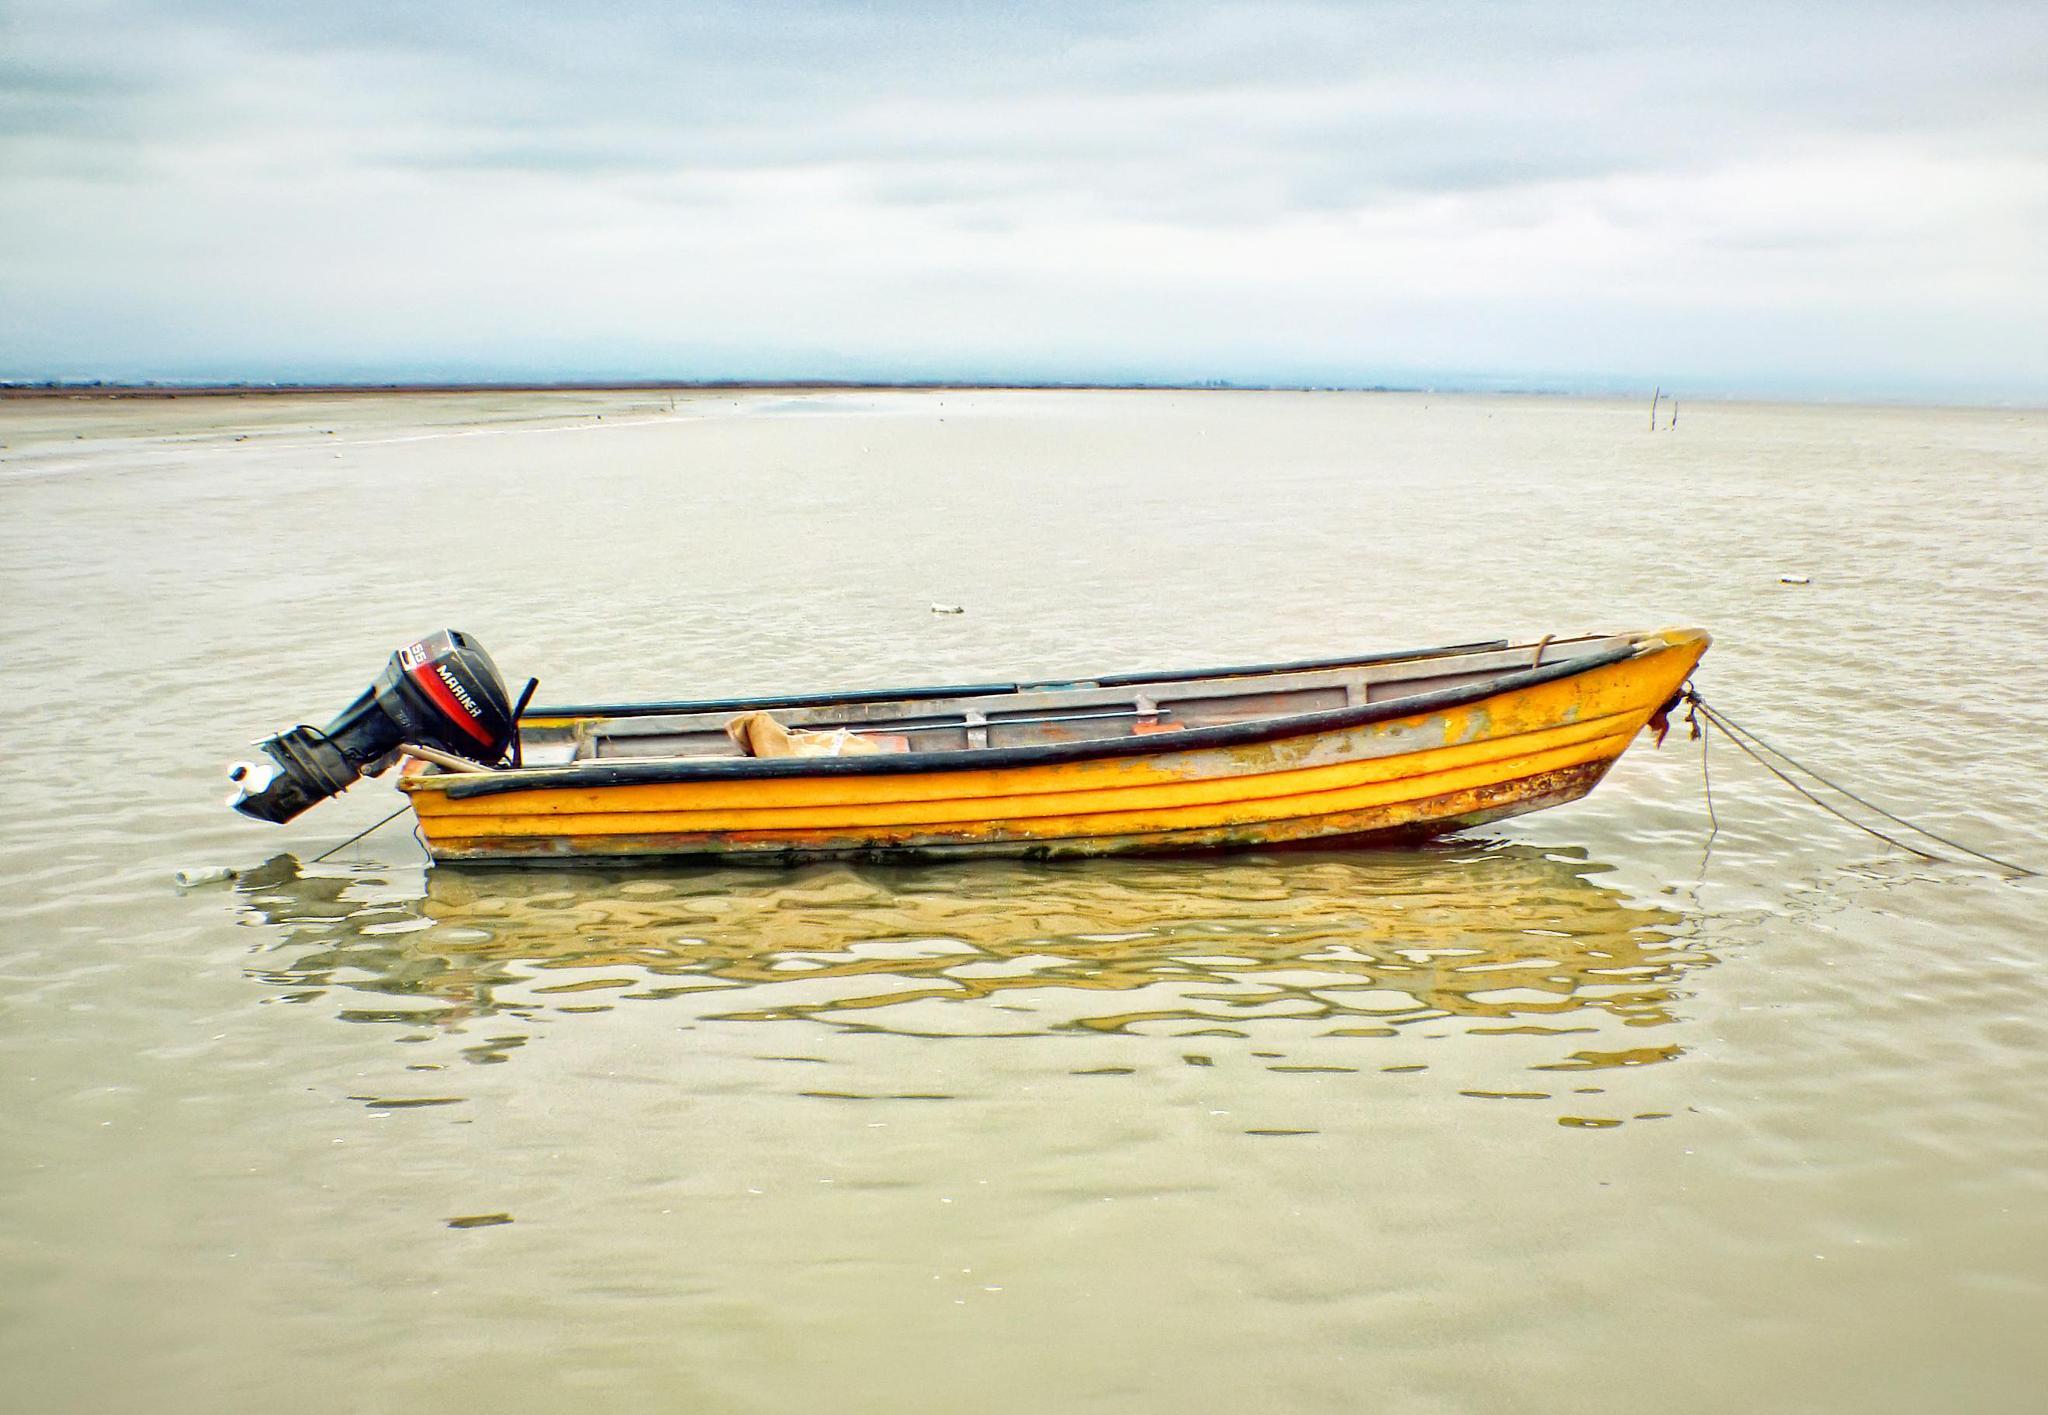 Boat on the sea-قایق بر روی دریا by sahand mohammadzad